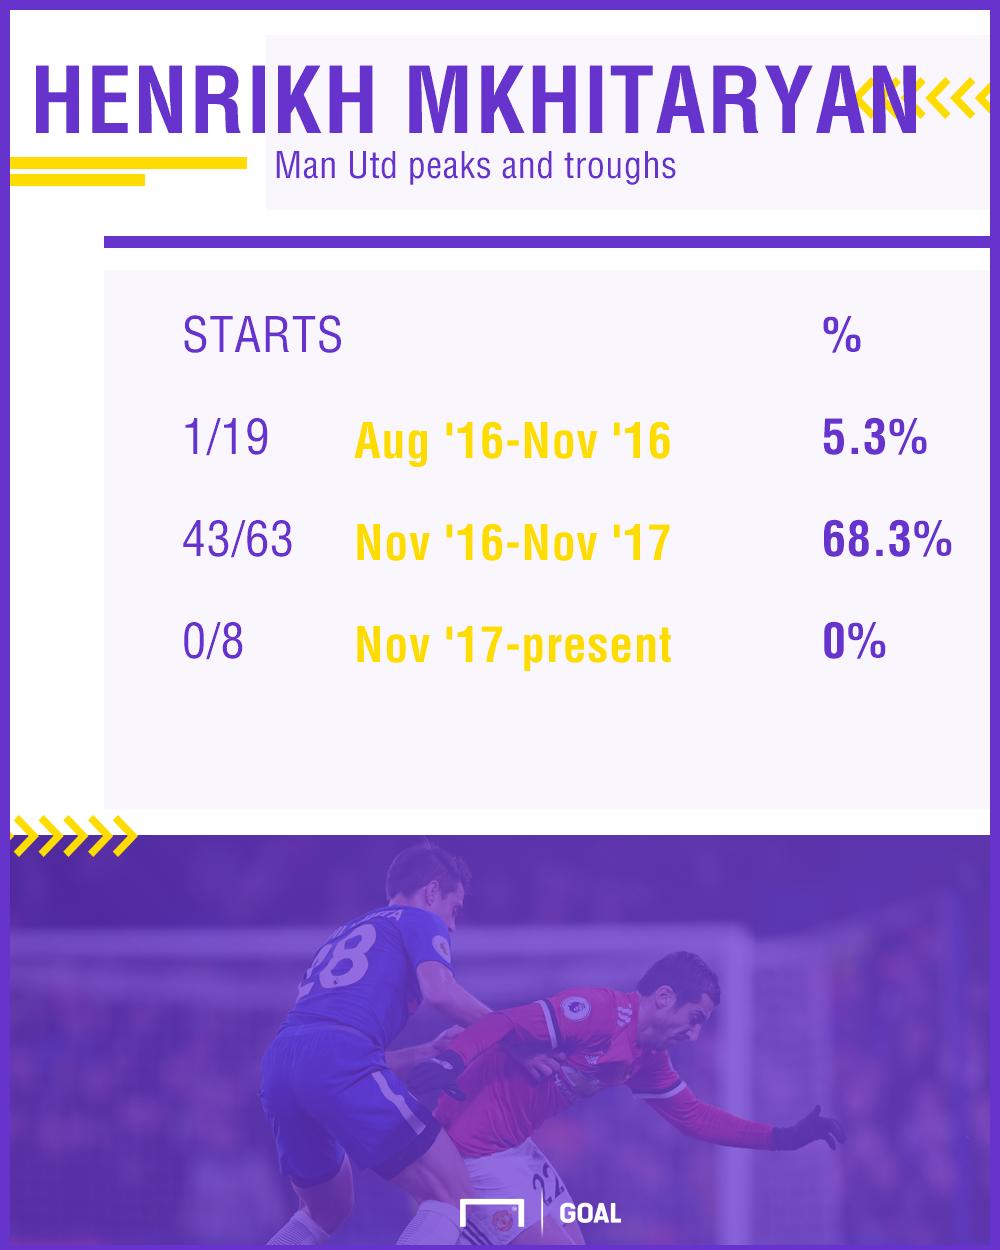 Henrikh Mkhitaryan stats